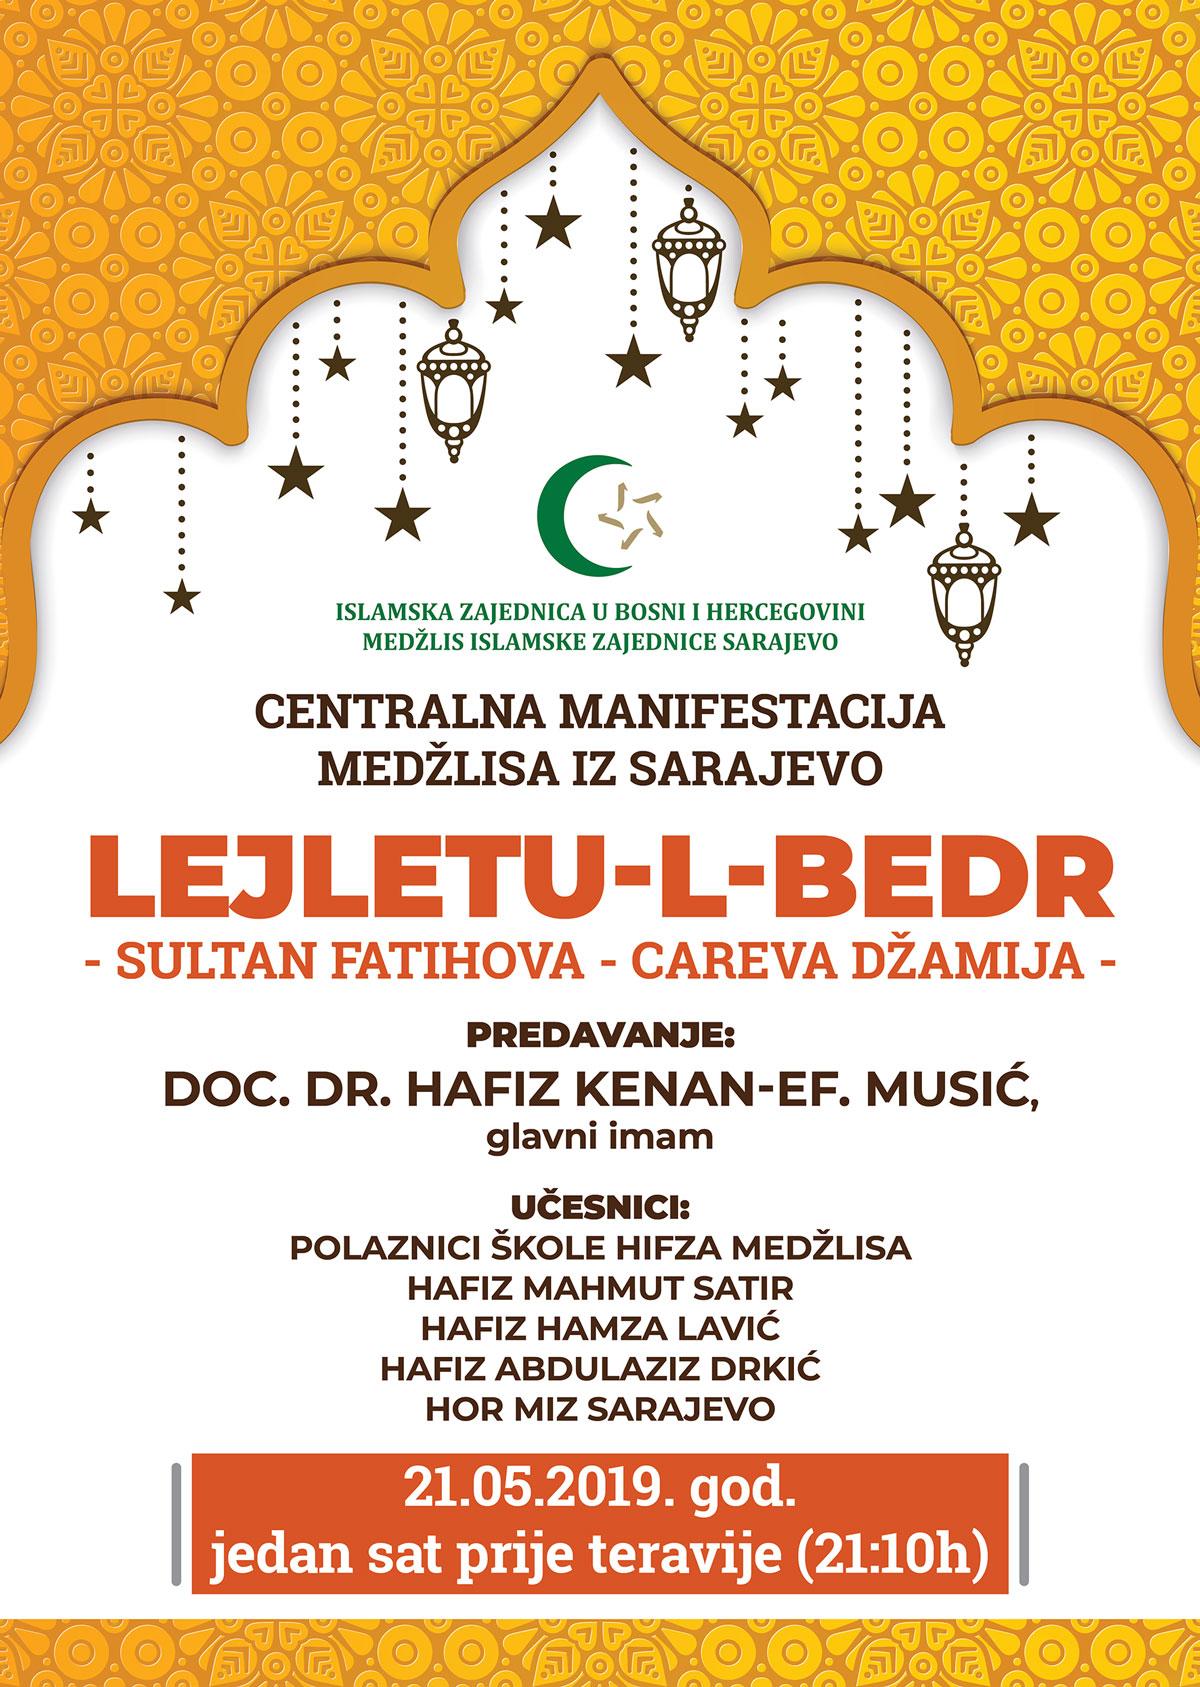 Centralna manifestacija MIZ Sarajevo LEJLETU-L-BEDR